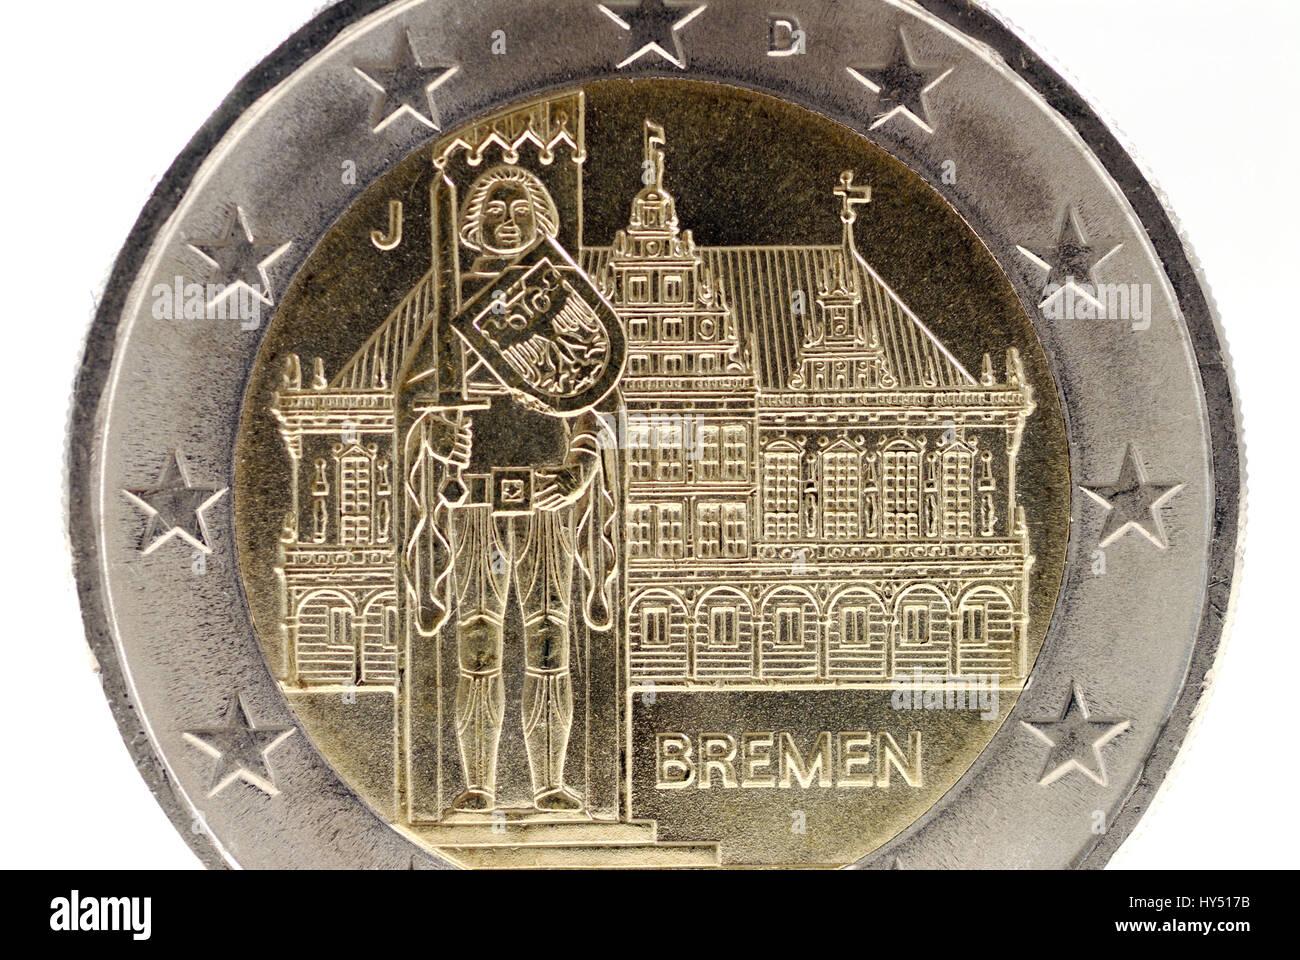 City of Bremen at the back of an euro-coin two, Stadt Bremen auf der Rueckseite einer Zwei-Euro-Muenze - Stock Image